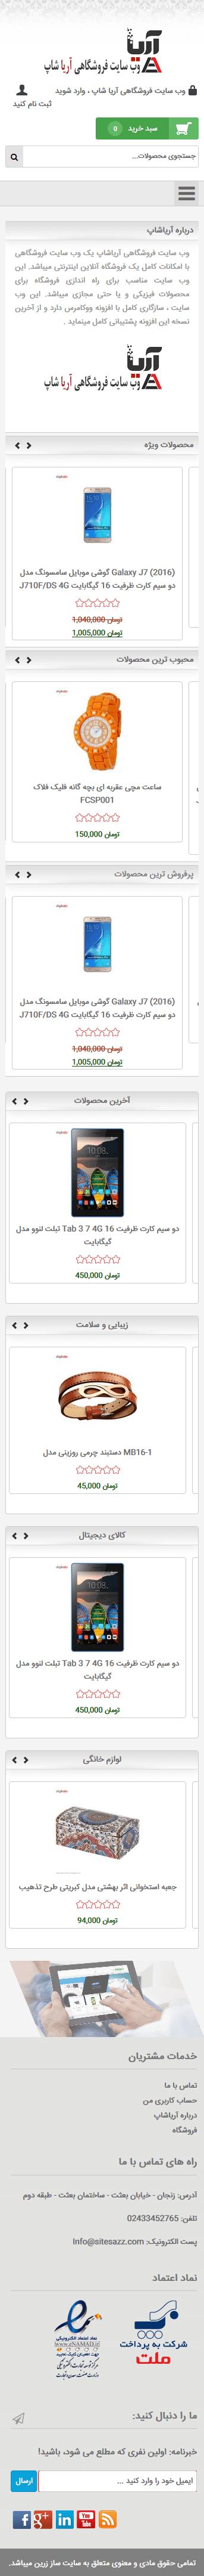 حالت موبایل سایت فروشگاهی آریا